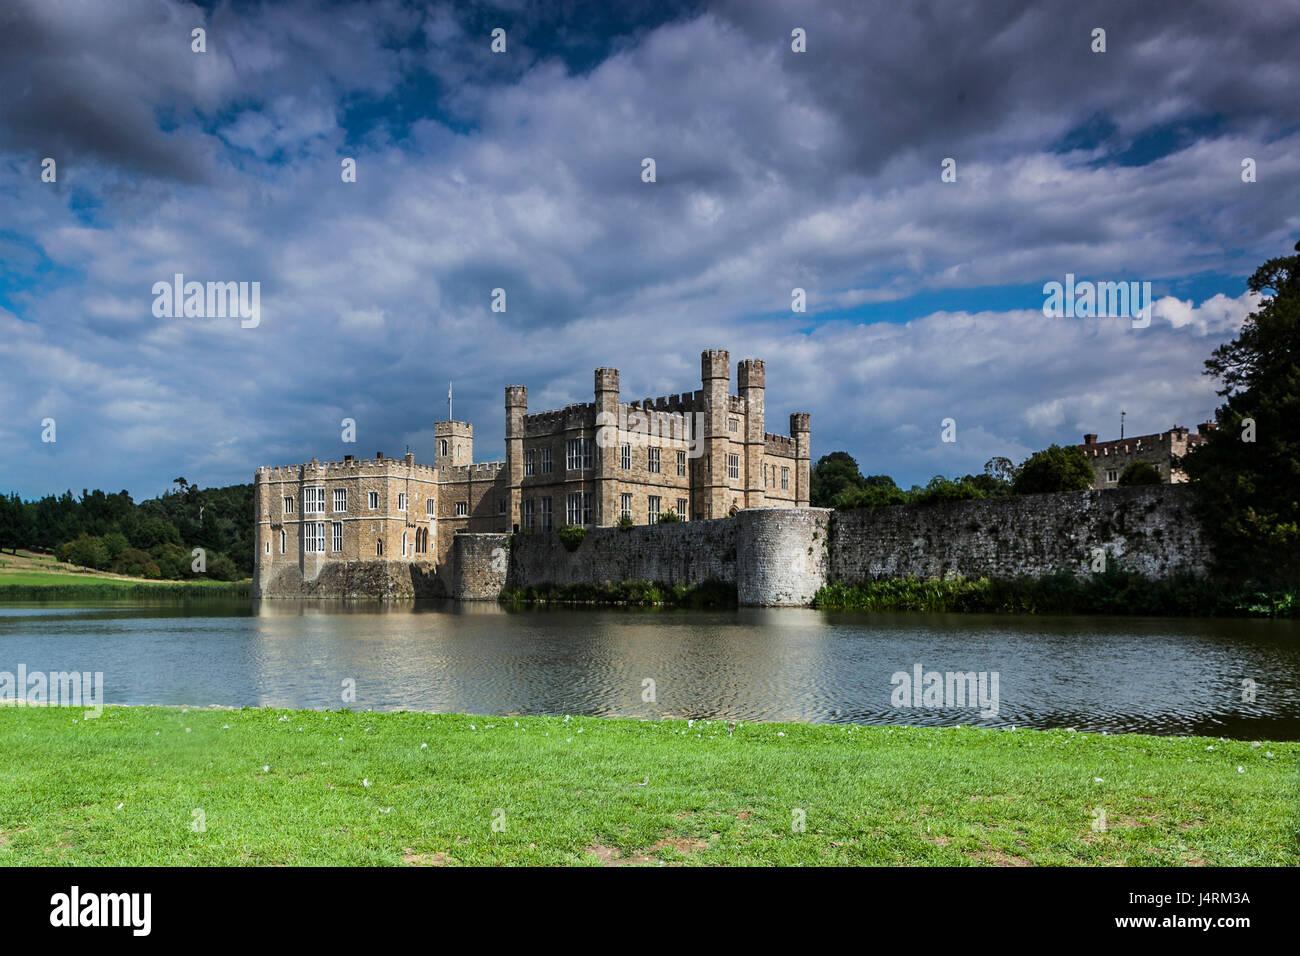 Il castello di Leeds, situato nel Kent, Inghilterra Immagini Stock